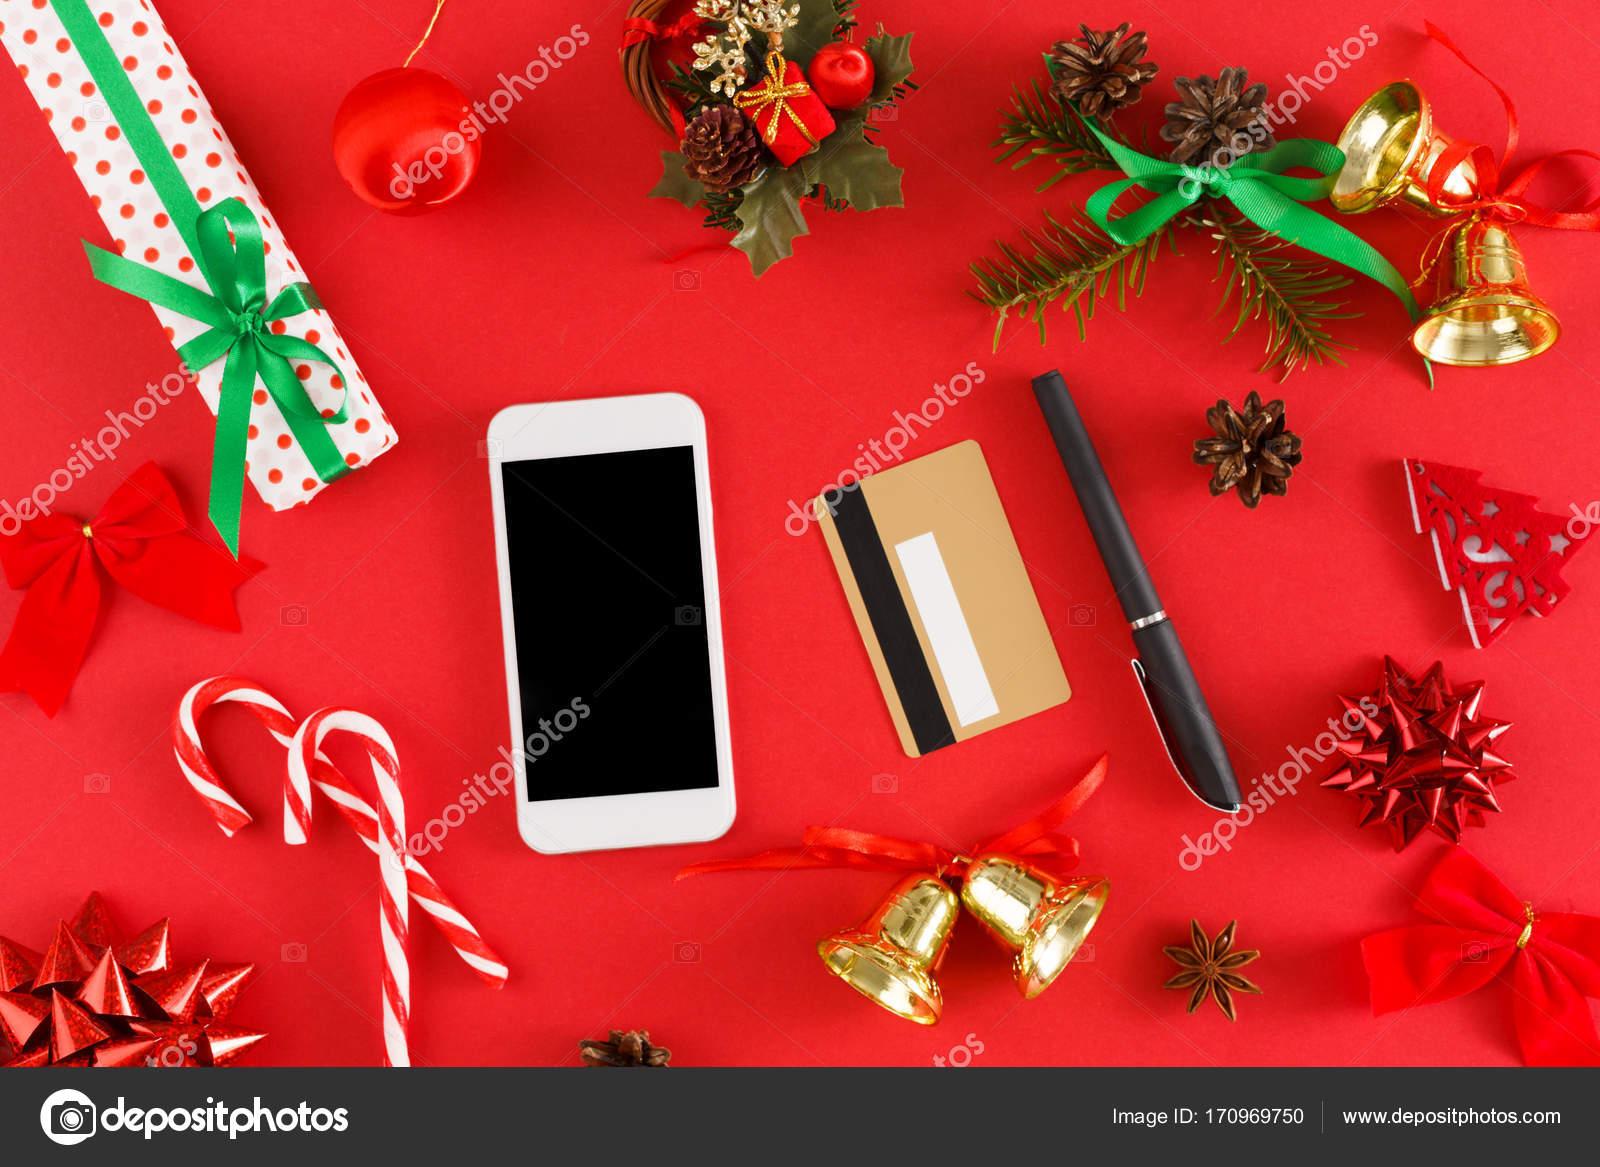 Regali Di Natale Acquisti On Line.Ragazza Di Acquisto Natale Regali Online Su Smartphone Con Carta Di